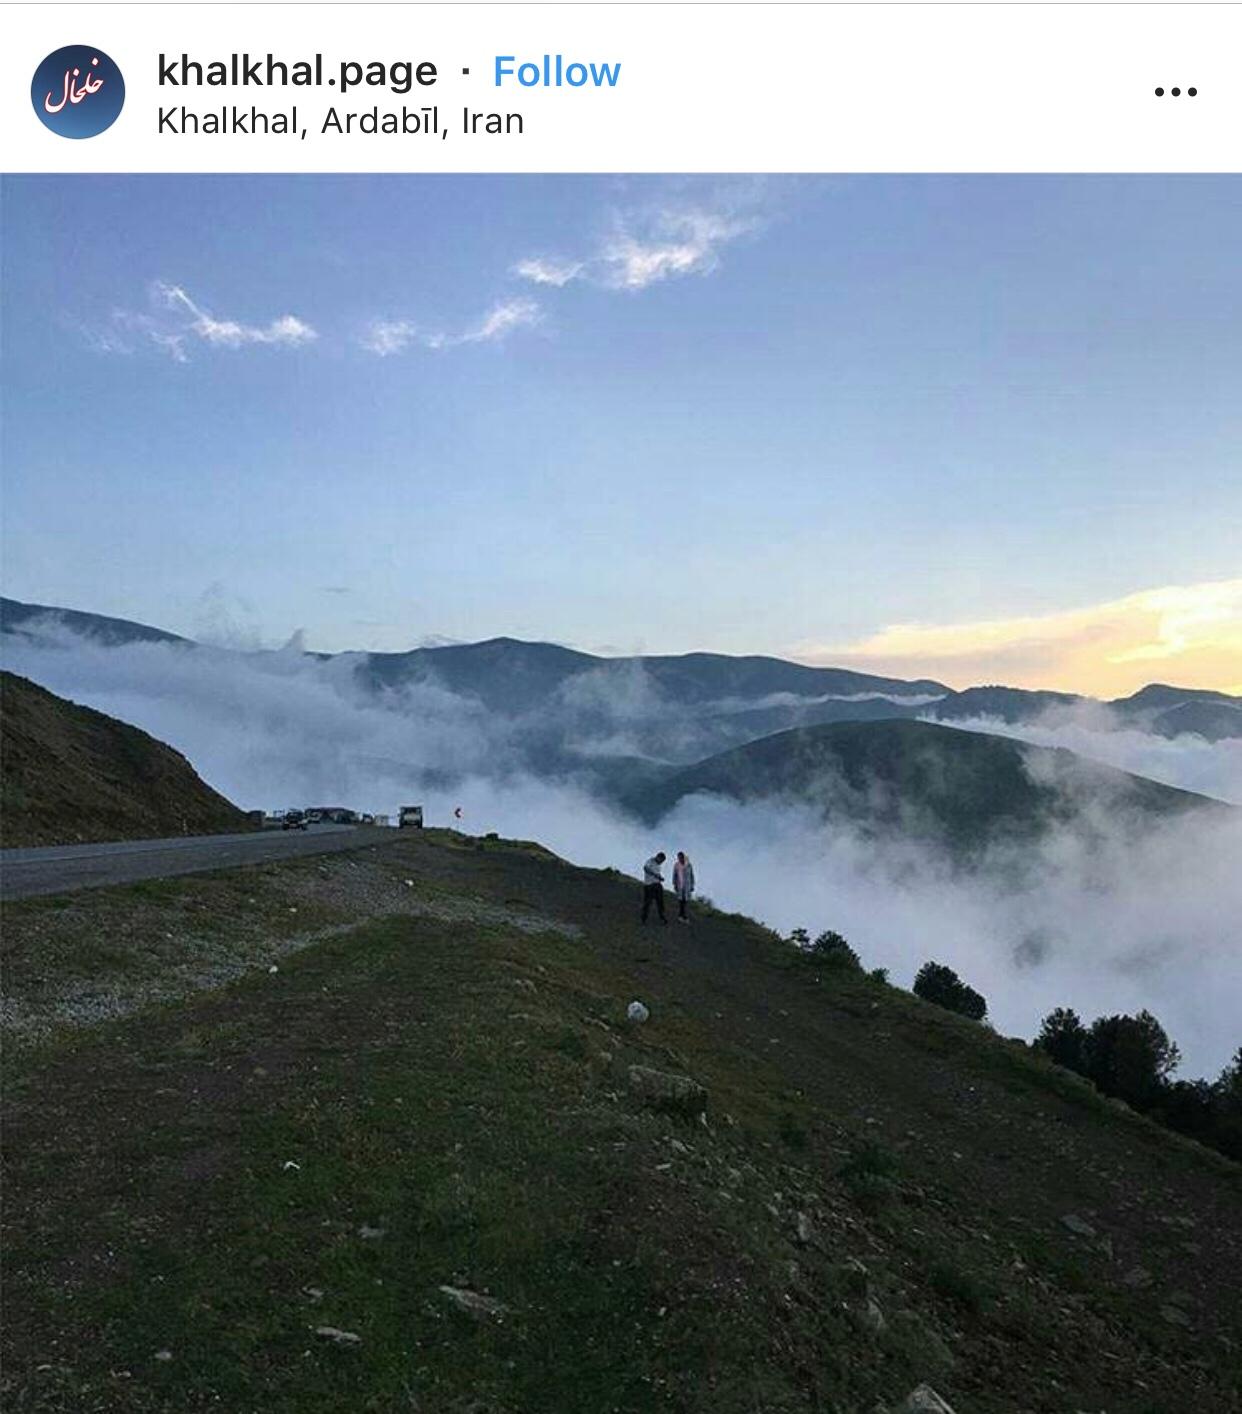 عدسة إيرانية: منطقة خلخال في محافظة أردبيل شمالي إيران 1